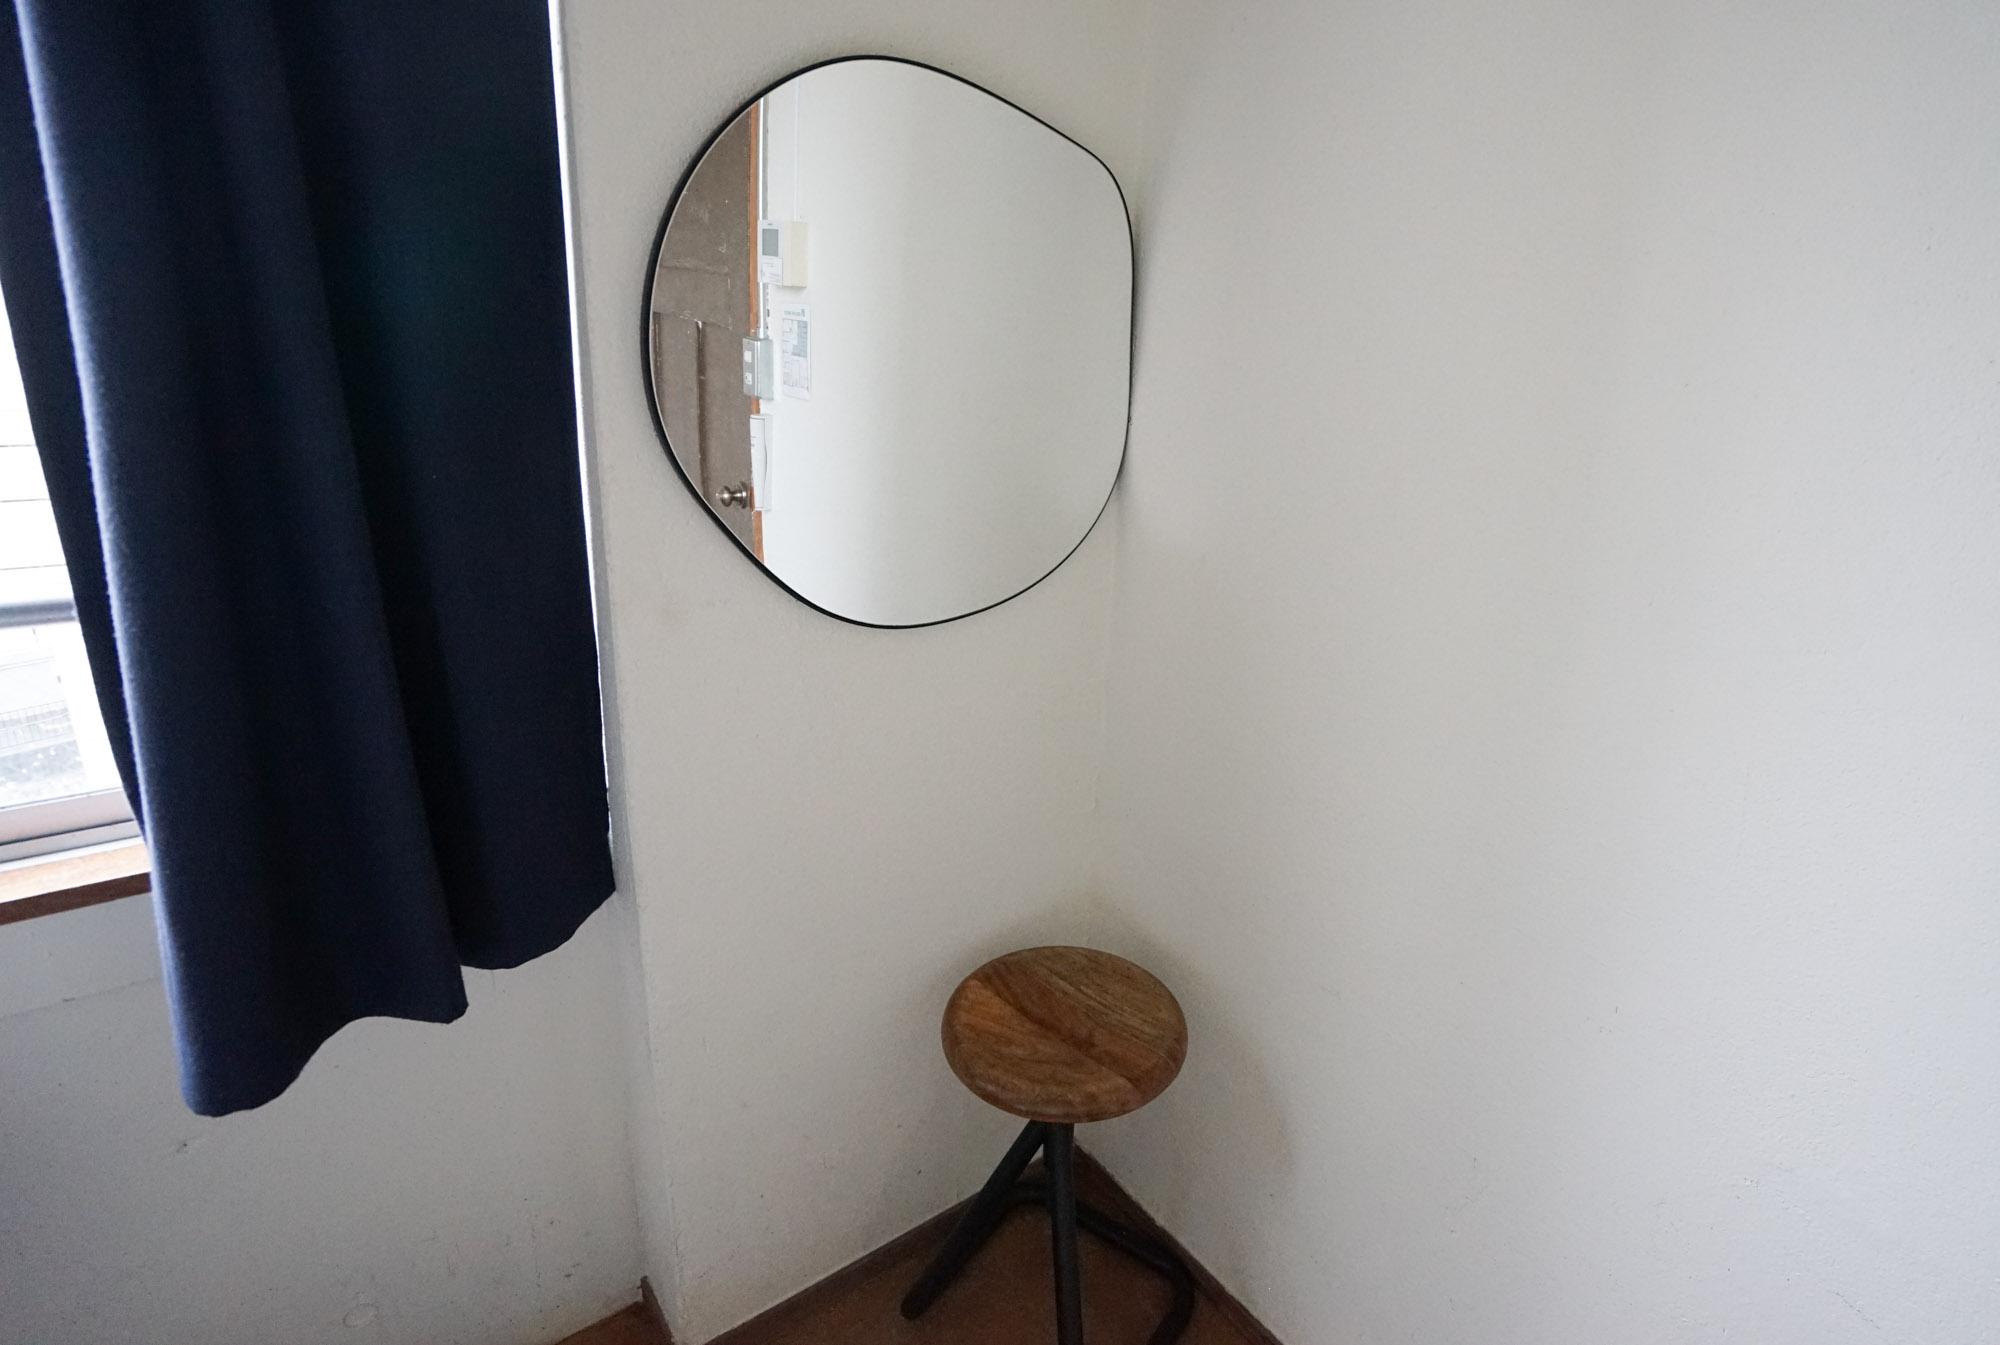 コンパクトなスツールと、鏡。生活に必要なものがギュギュッとまとまった、気持ちの良いお部屋。